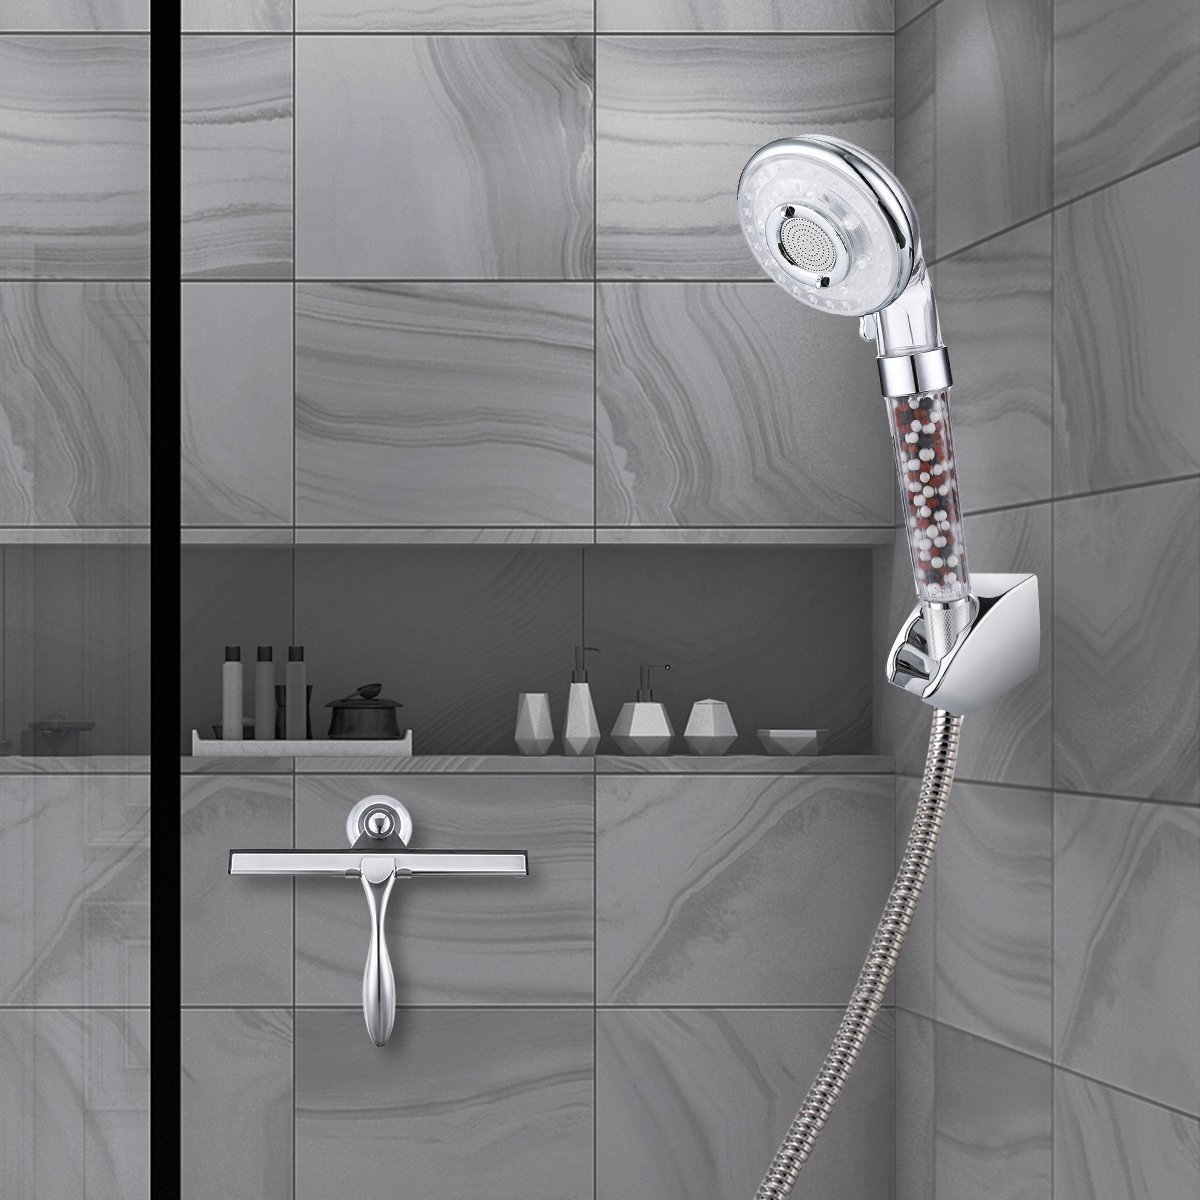 3 mode doccia Ammorbidisce lacqua dura,Vieni con un pacchetto di sfere extra minerali per la sostituzione! Baban Soffione Doccia ad alta pressione,40/% di risparmio idrico